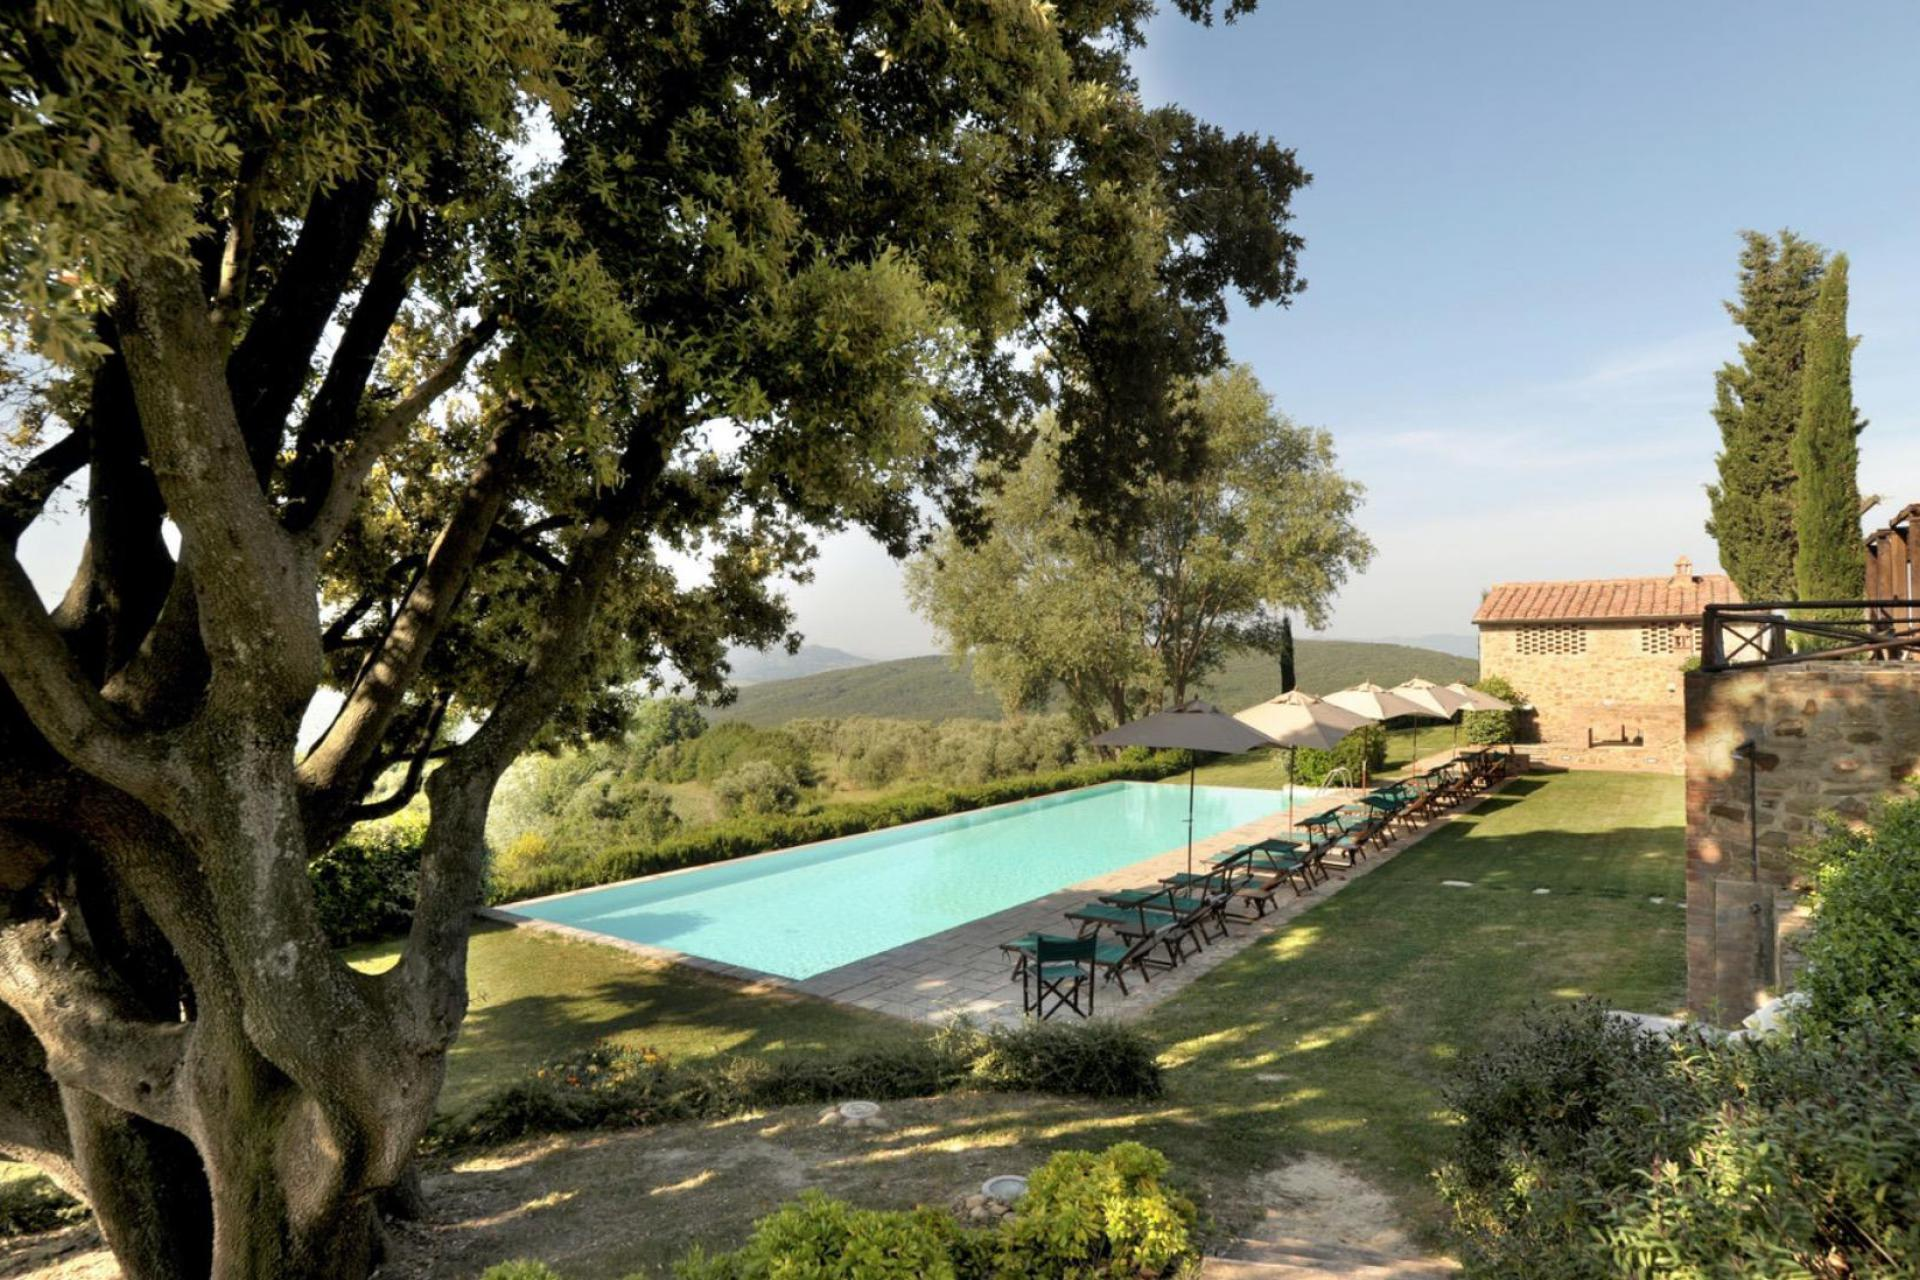 Agriturismo Tuscany Agriturismo in Tuscany with true Italian hospitality